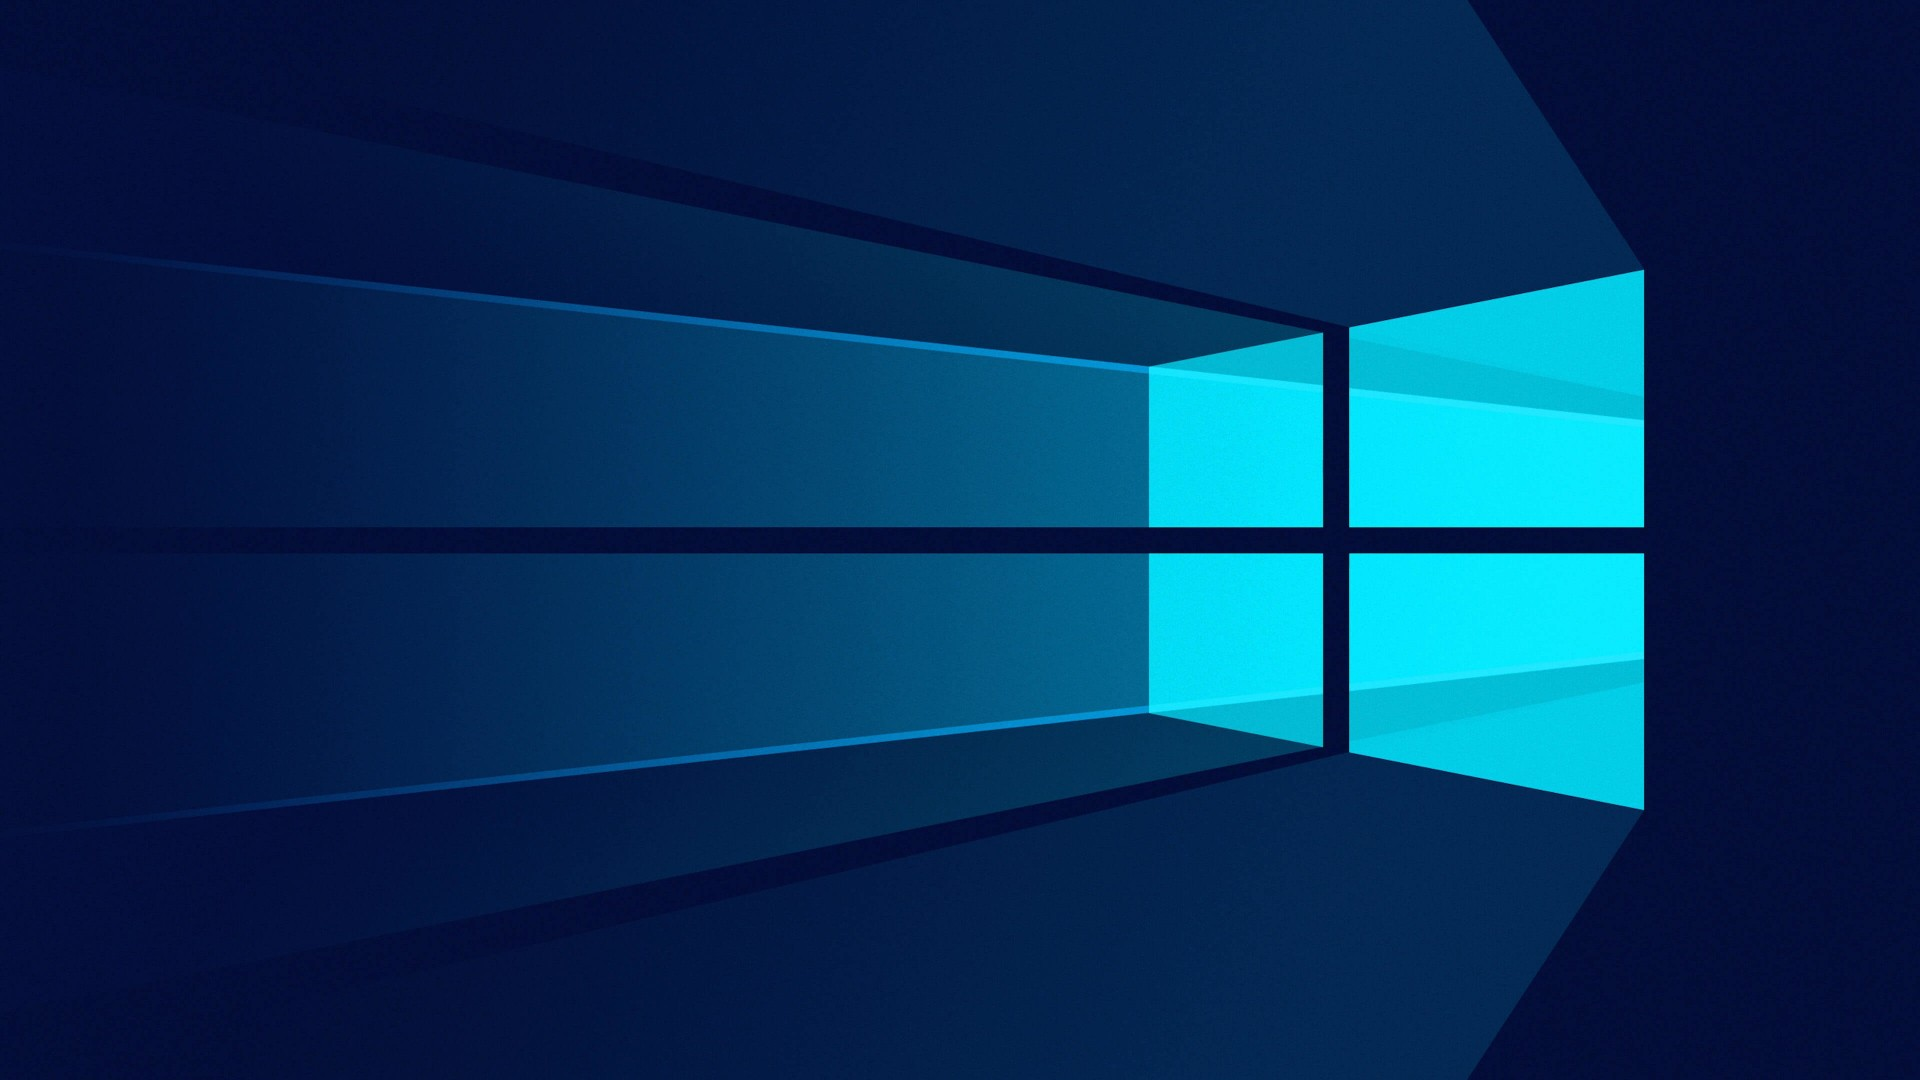 Windows 10 Flat HD wallpaper for 1920x1080 screens ...